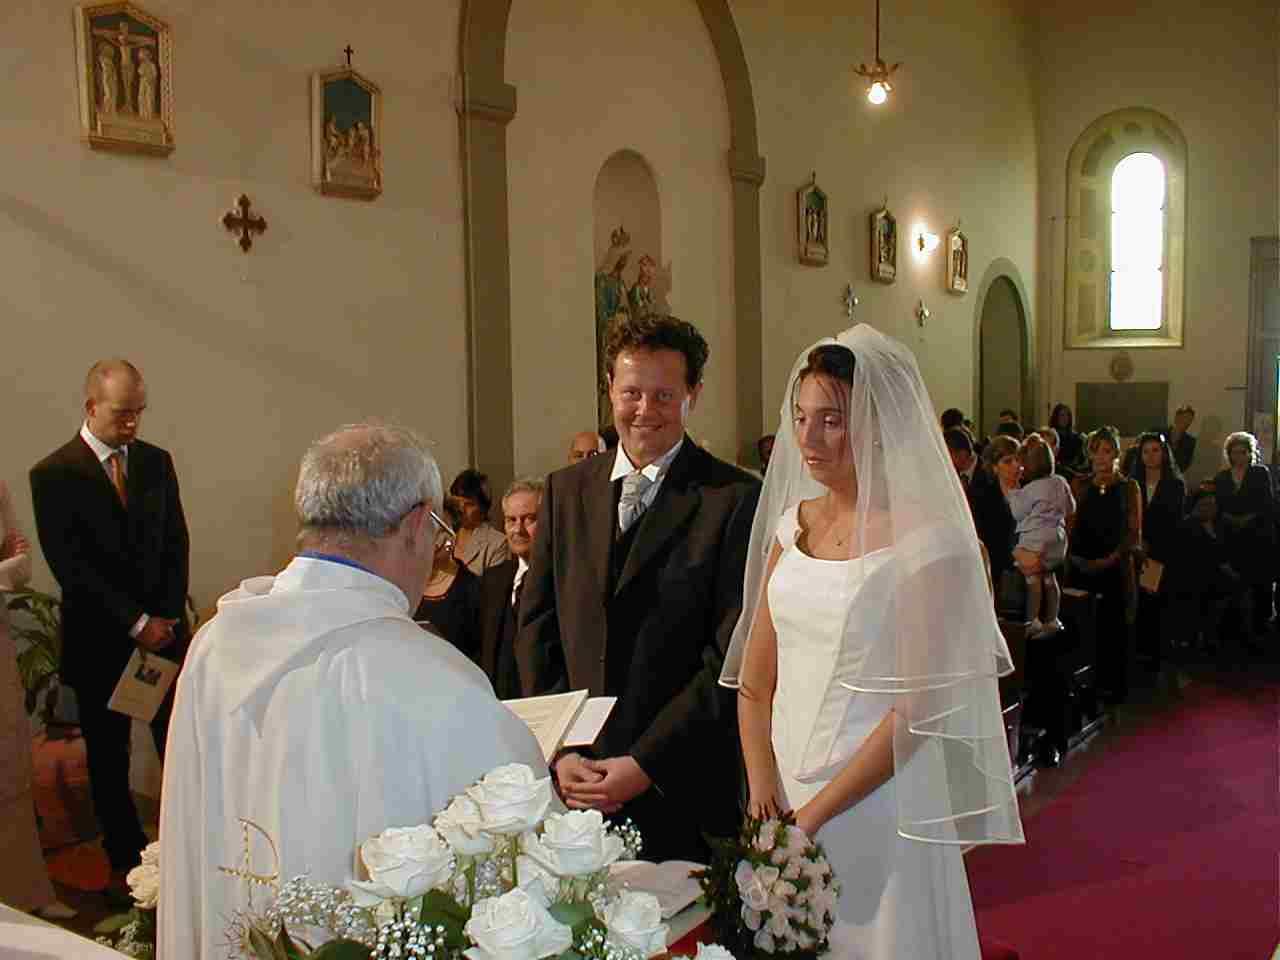 Matrimonio In Fotografia : Irlanda nel aumentano i matrimoni in chiesa uccr